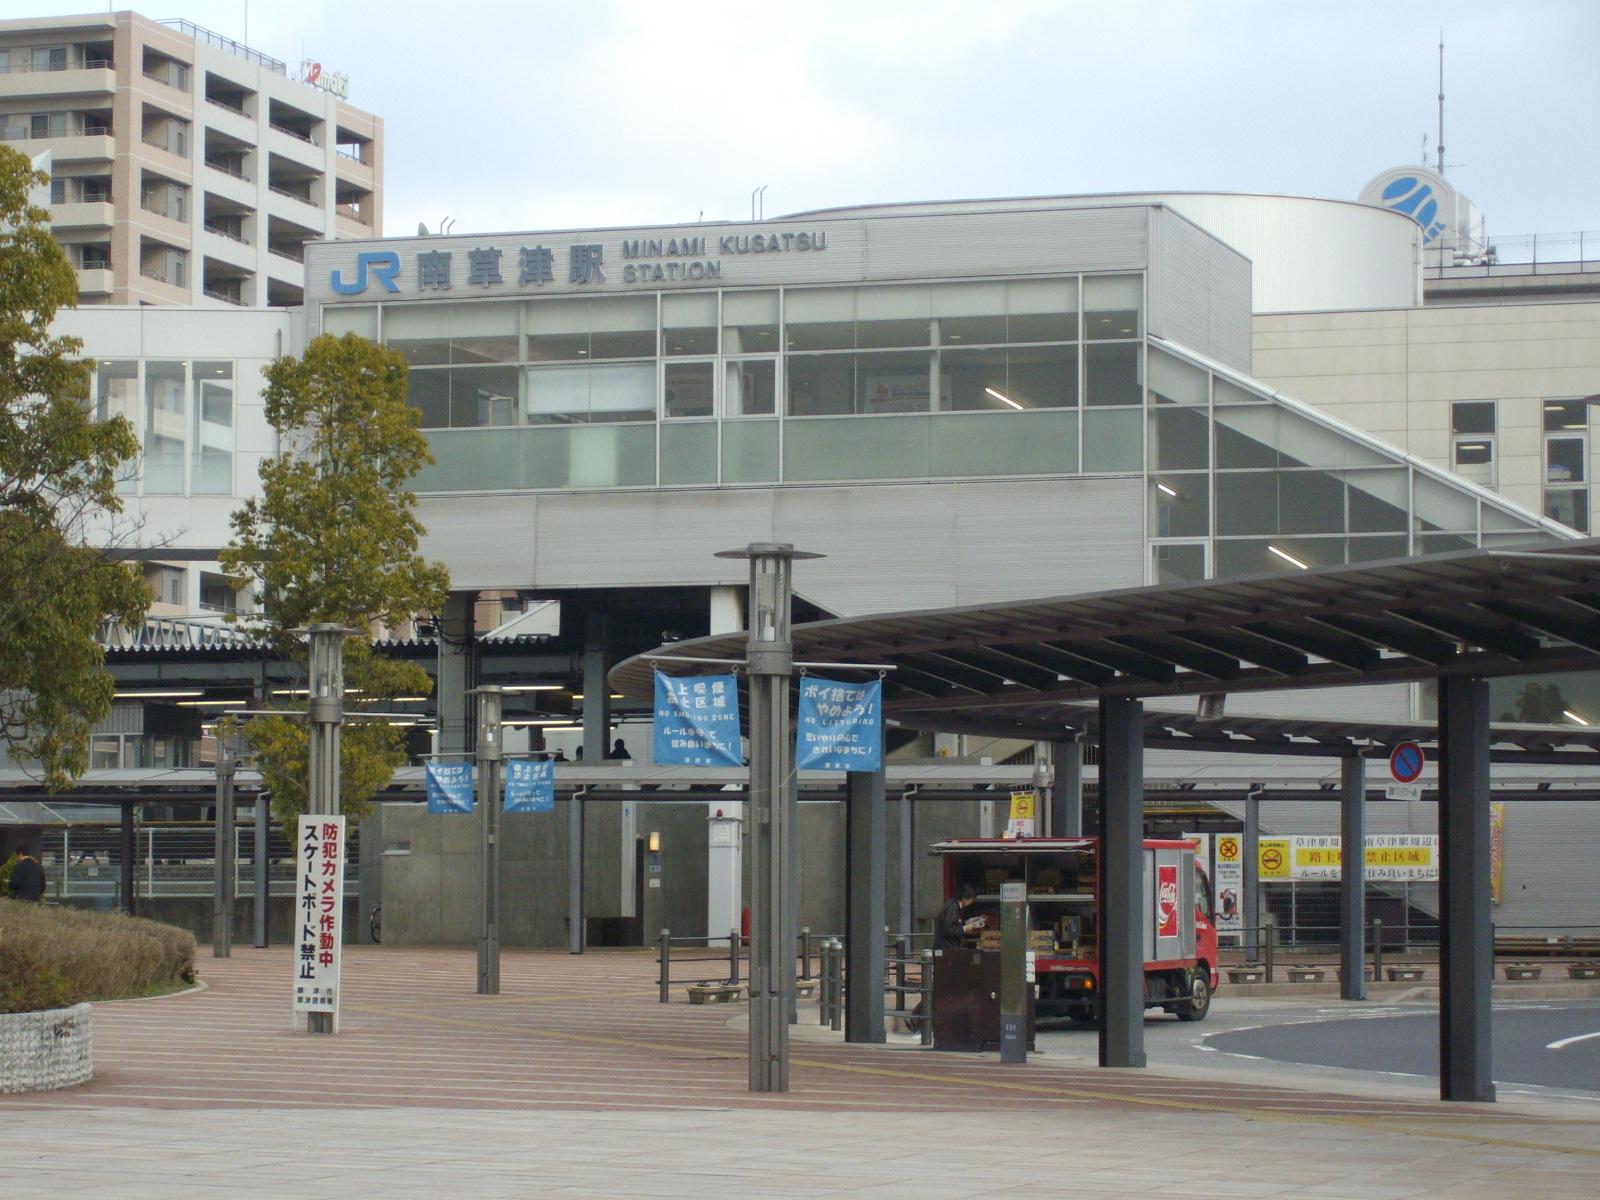 滋賀南草津ランチおすすめスポット21!駅周辺の人気店やカフェ・個室もあり